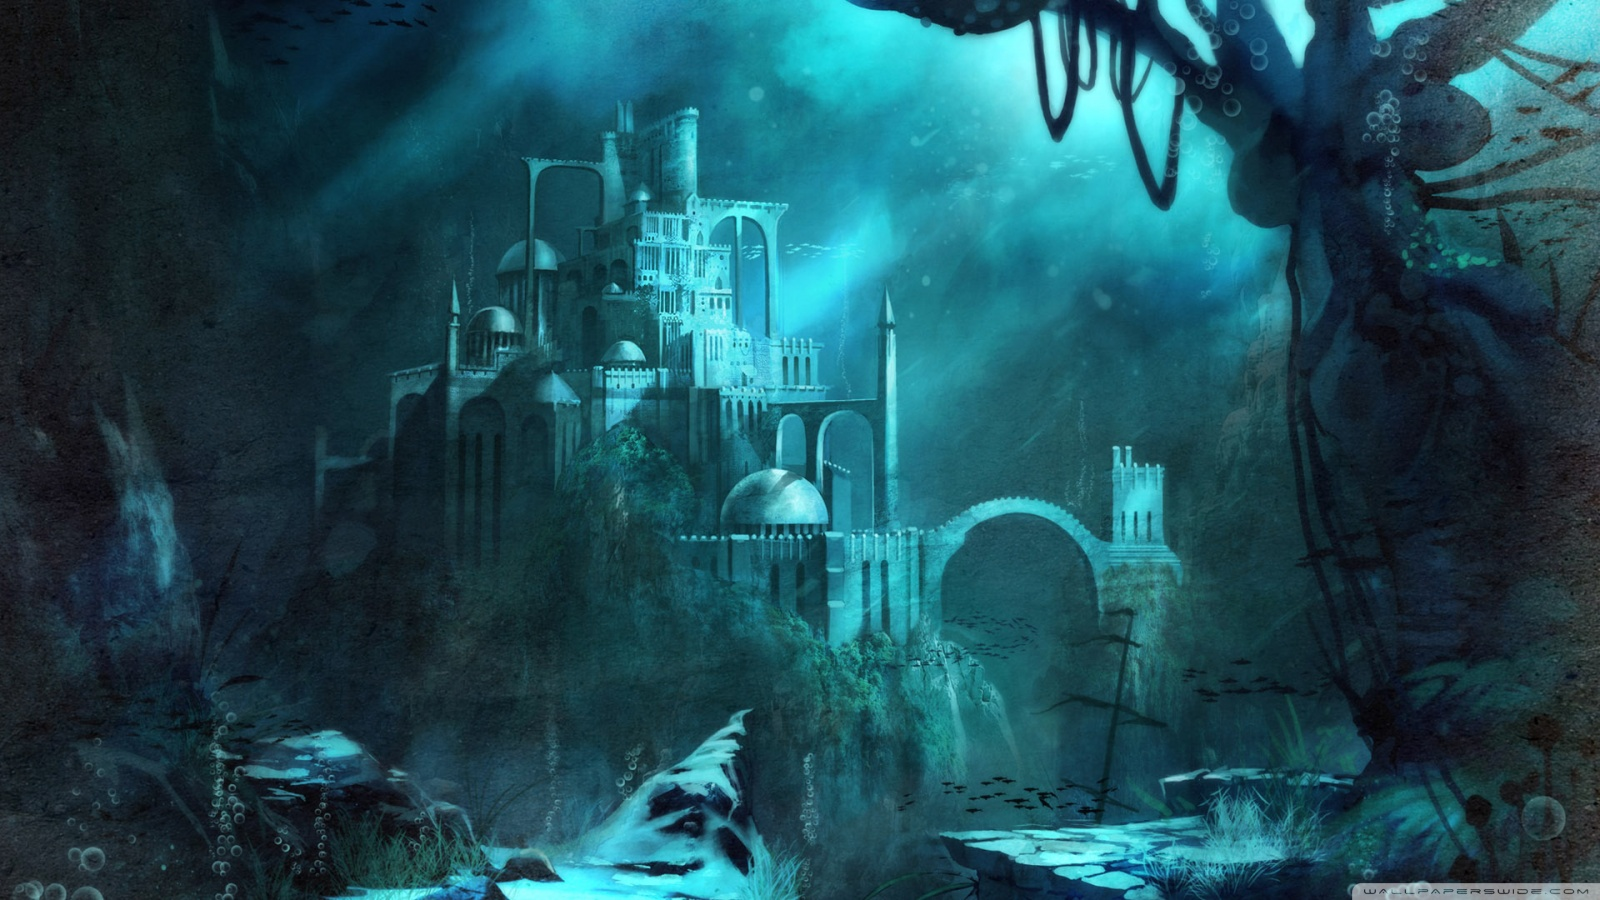 Trine 2 Underwater Castle 4K HD Desktop Wallpaper for 4K Ultra 1600x900